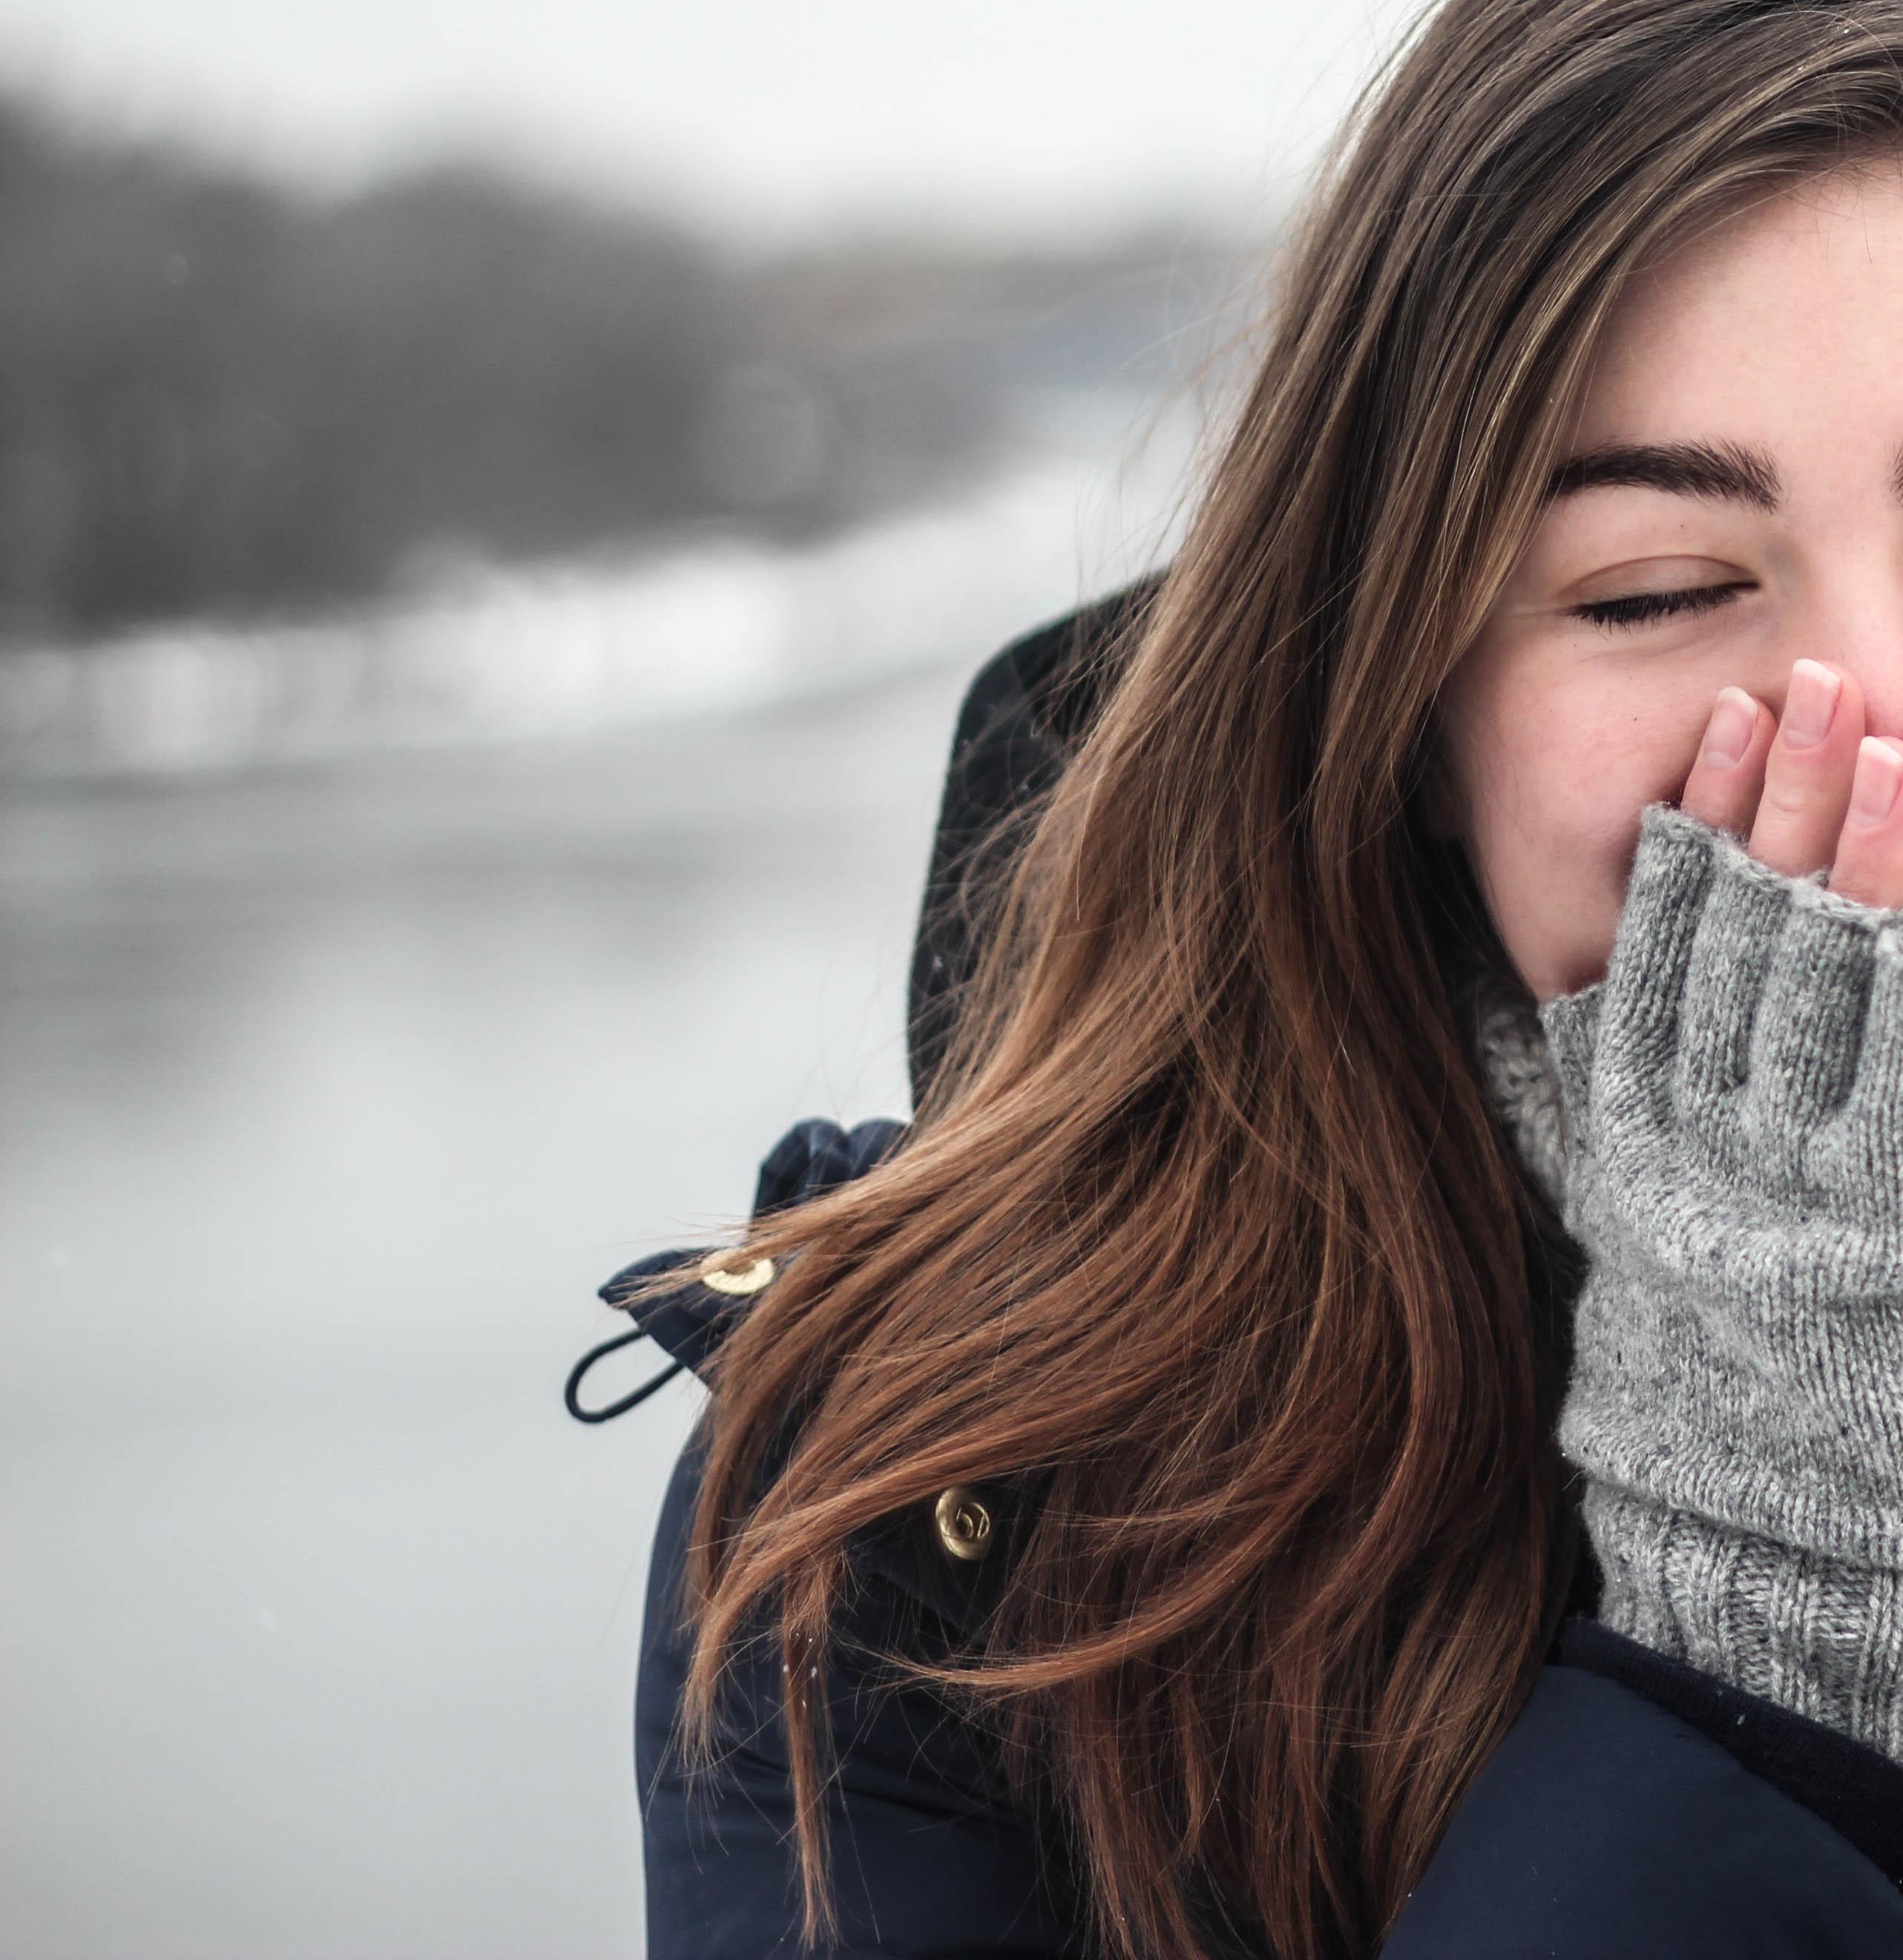 Какие модели зимних курток лучше всего приобретать девушкам и женщинам